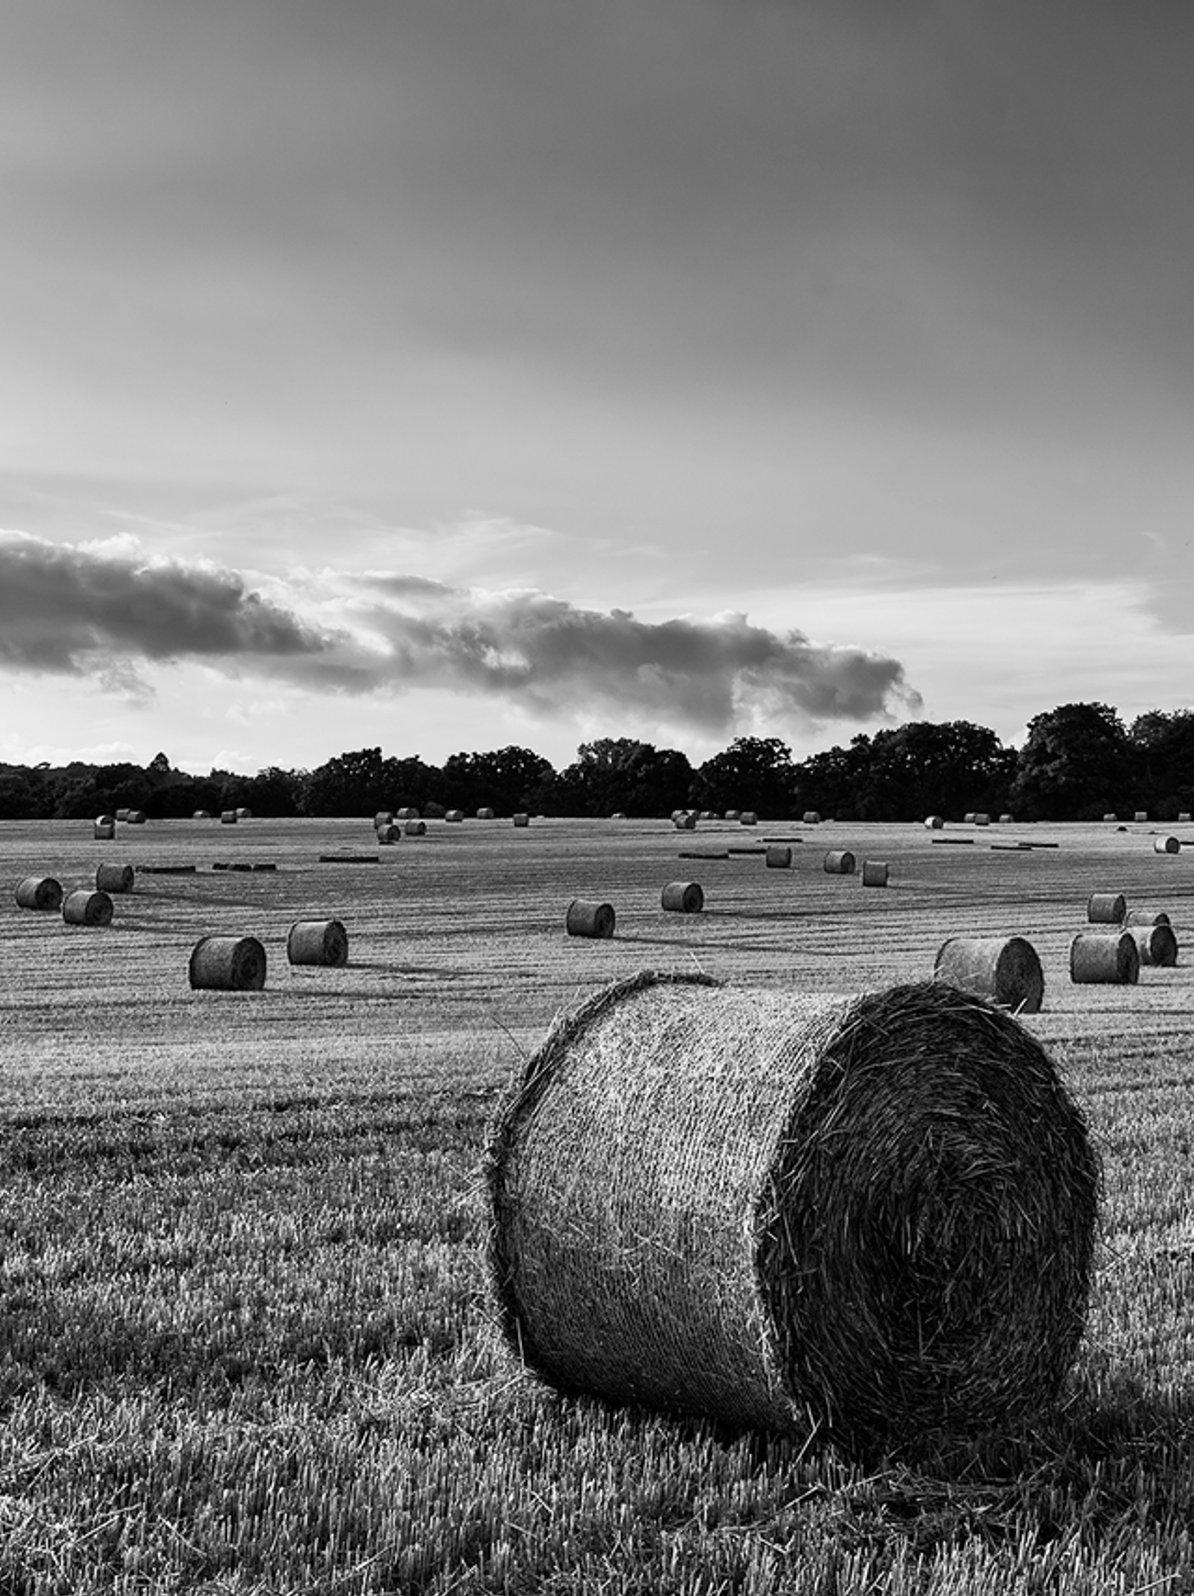 Bullseye Ag Customised Farm Management Solutions